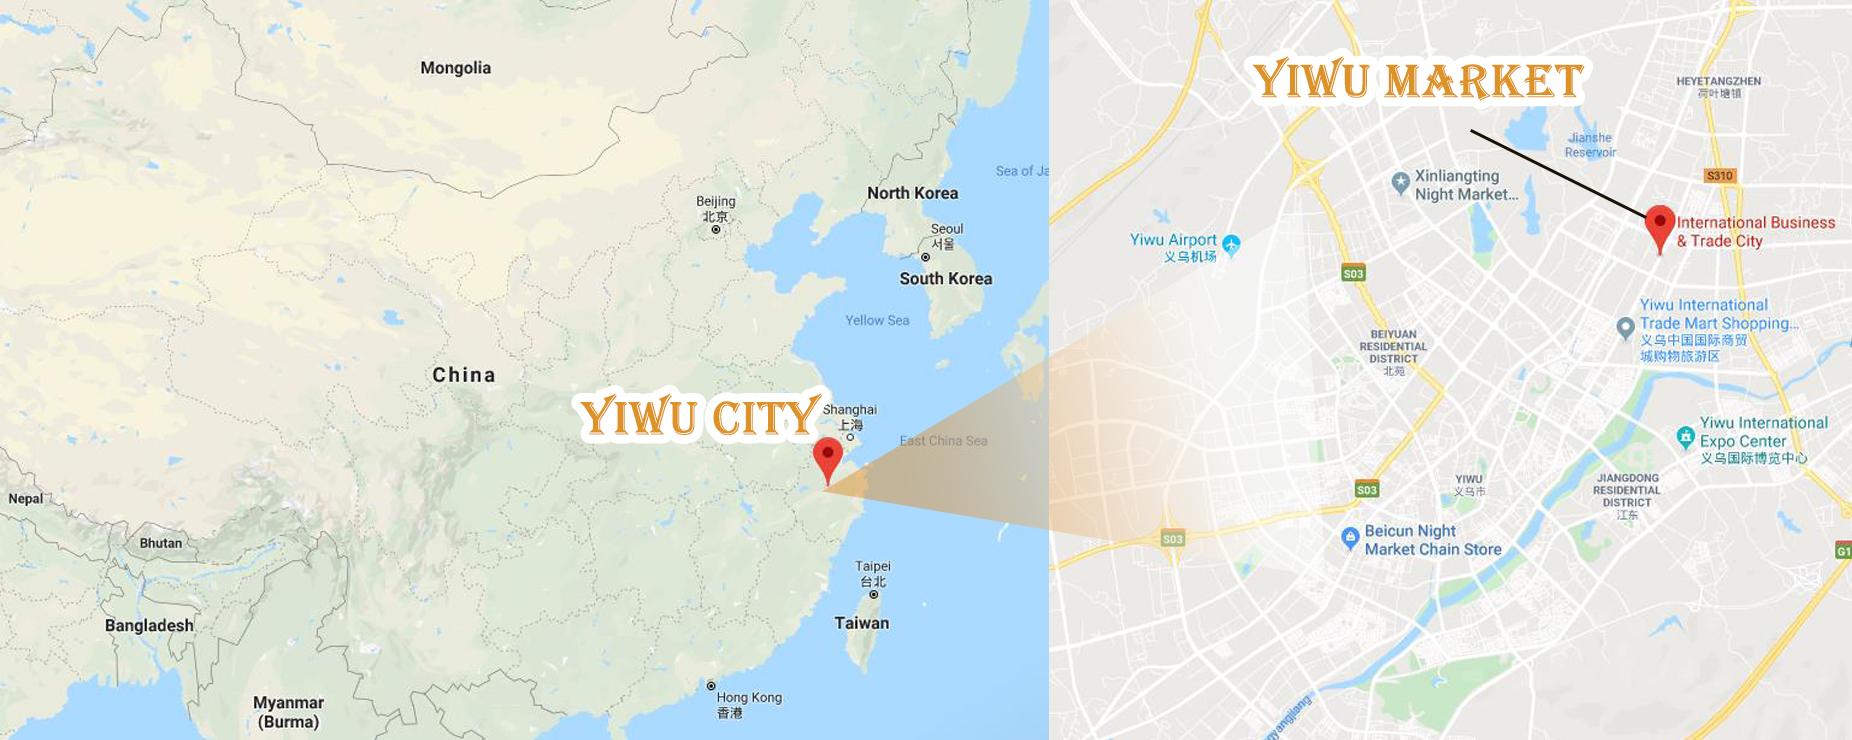 yiwu market map location